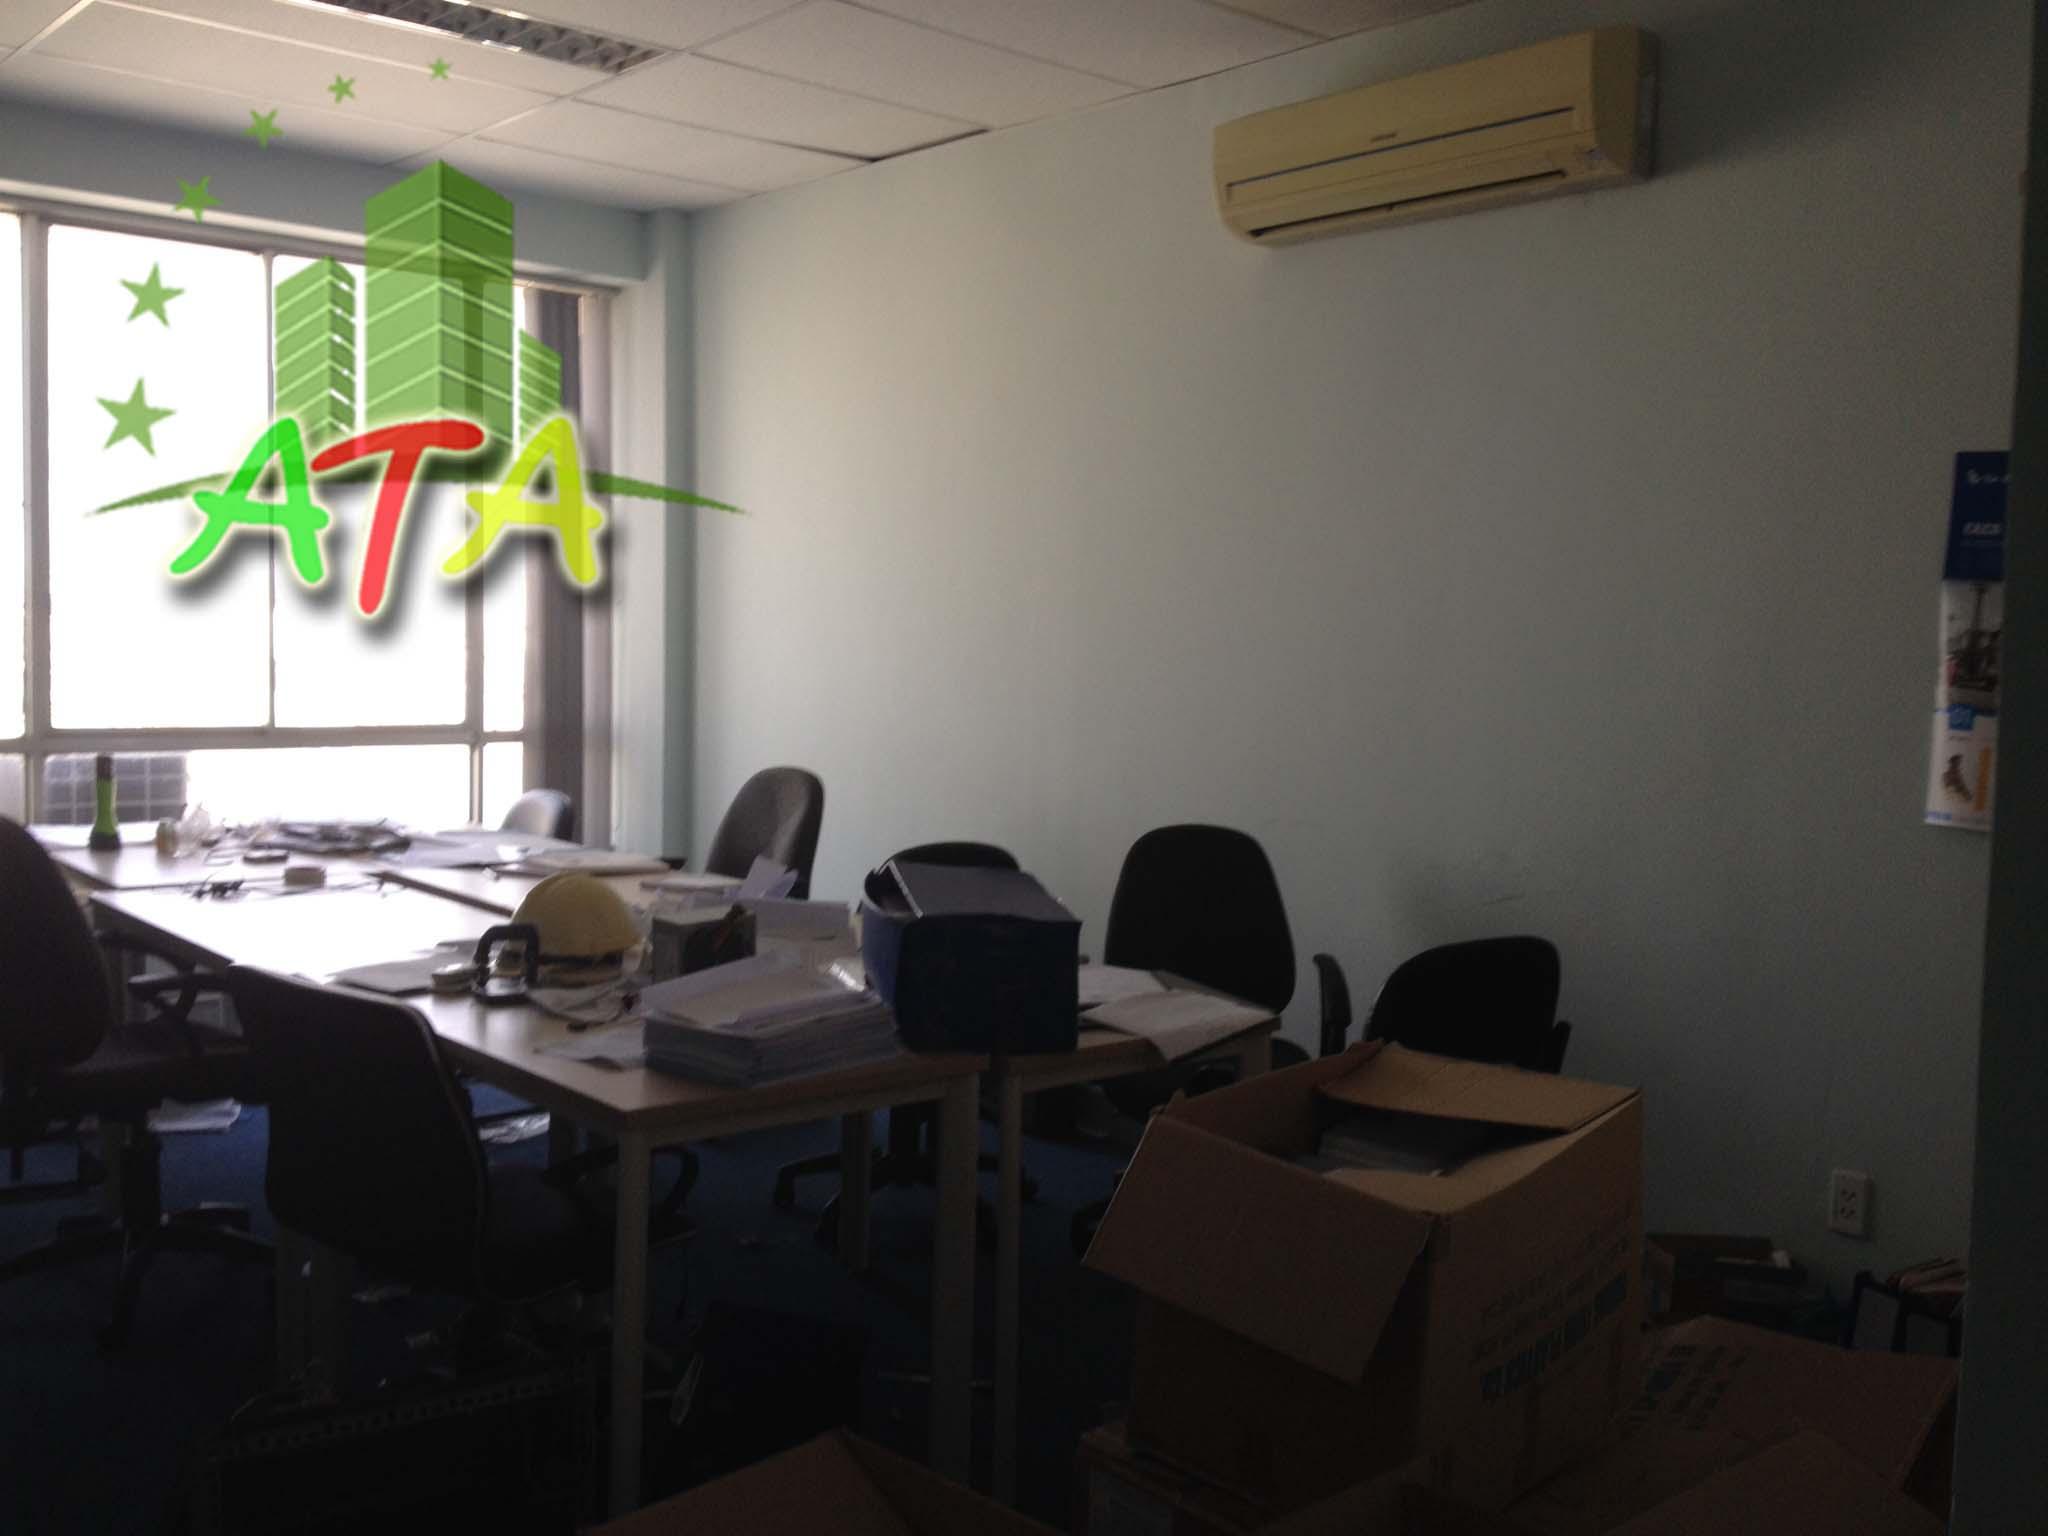 văn phòng cho thuê quận Bình Thạnh - Thành Đô building đường Bình Lợi - office for lease in HCMC, Binh thanh district